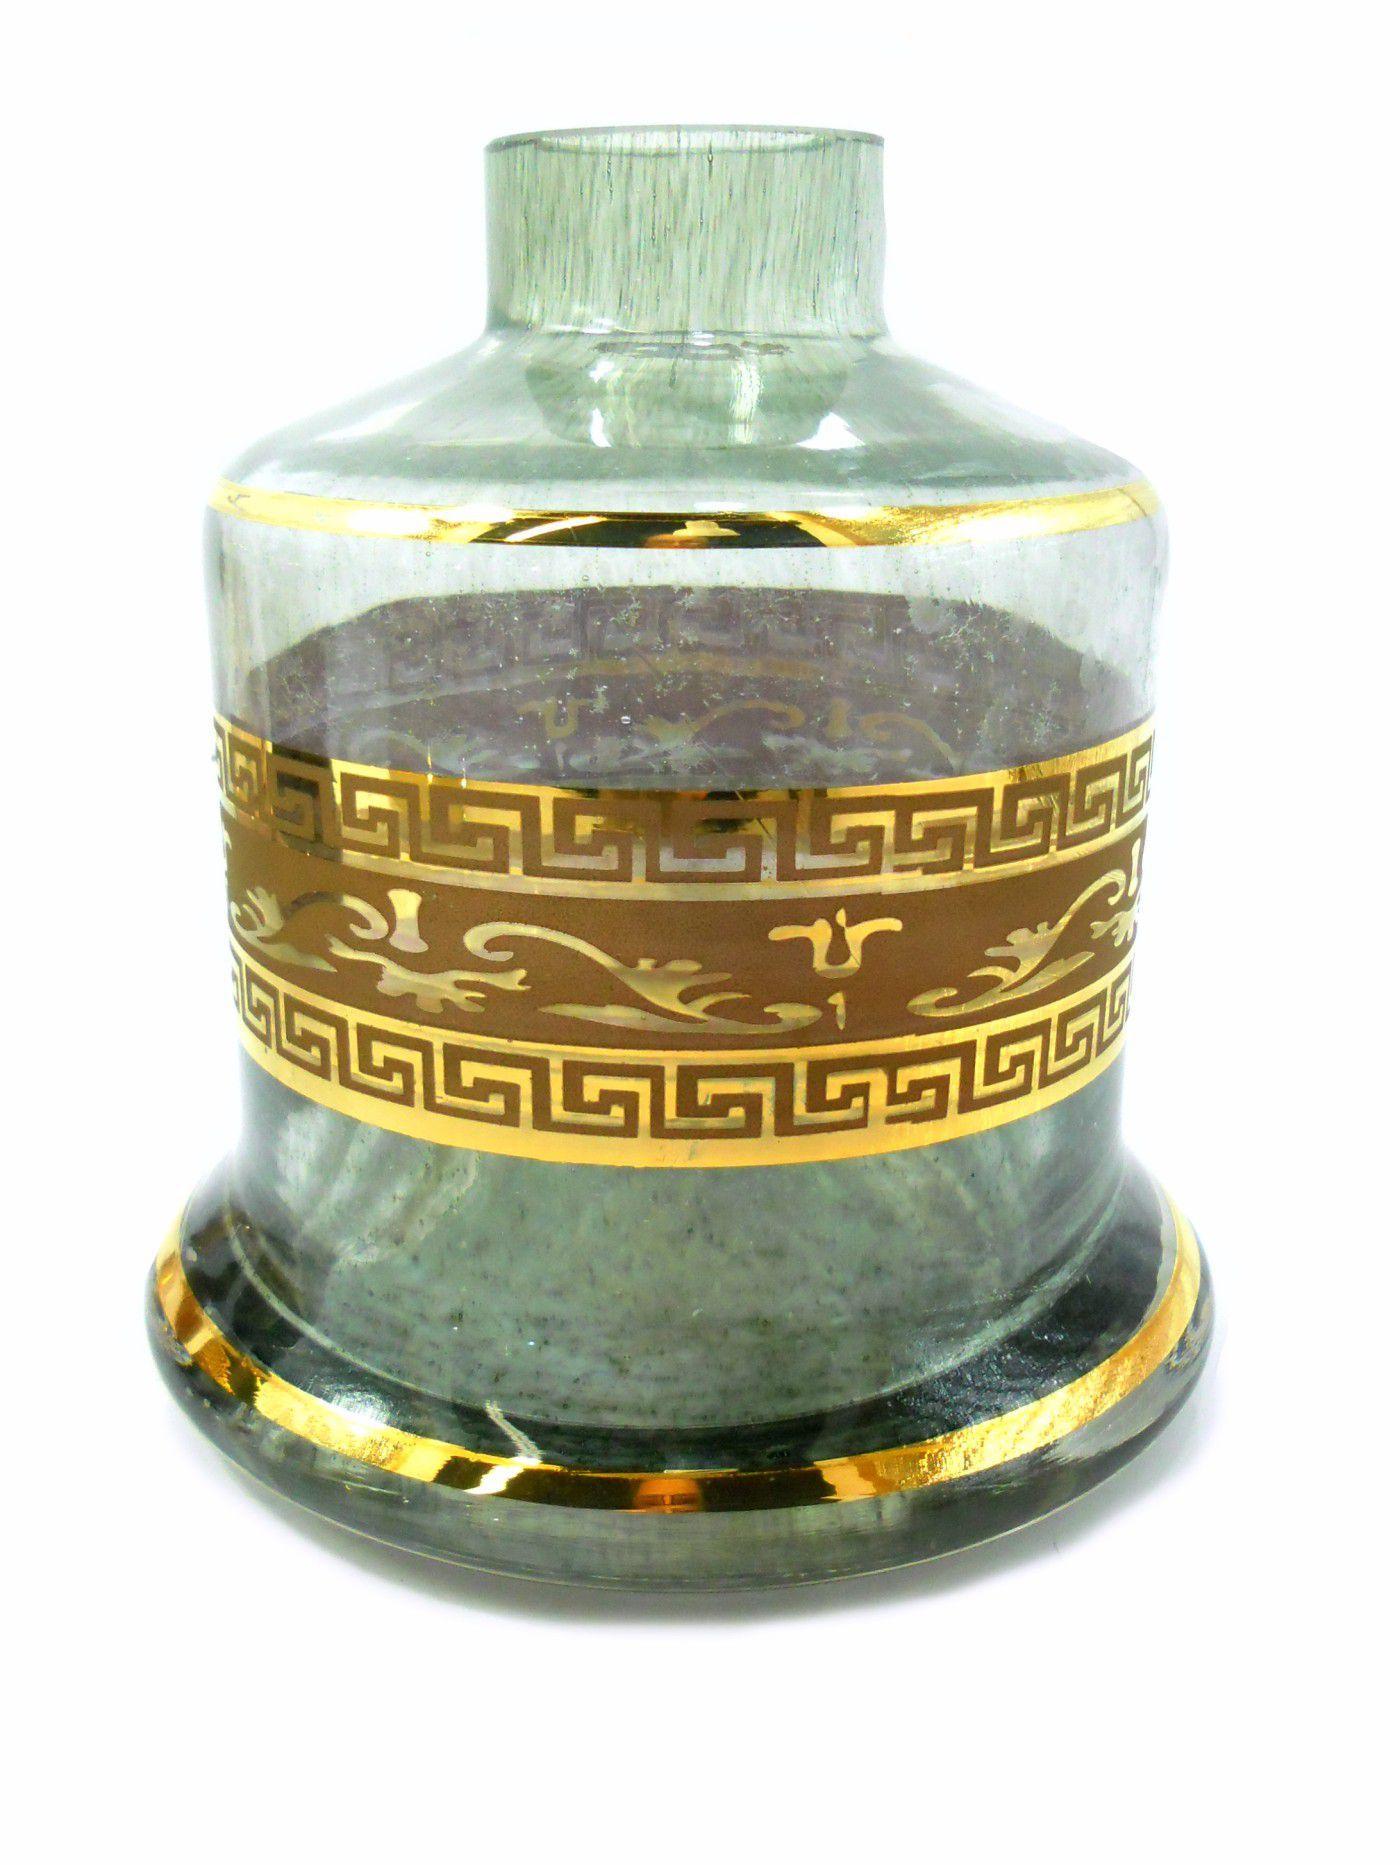 Vaso/base para narguile Shisha Glass EVOLUTION (reto) com FAIXA GREGA dourada (13cm). Encaixe macho. Grafite com faixa g